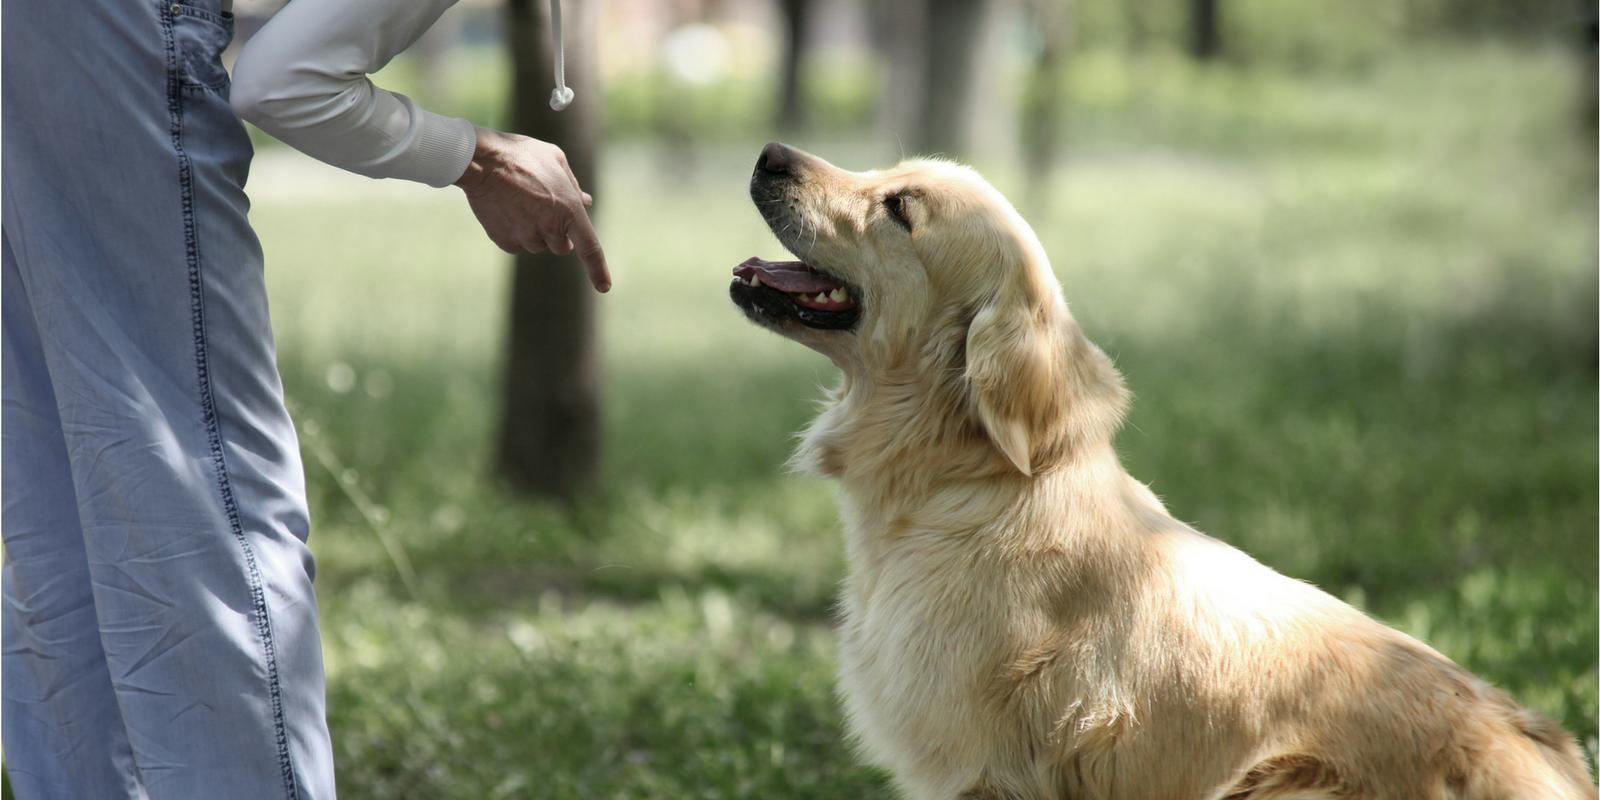 O papel do Adestramento Moderno, ou melhor, da Educação Canina